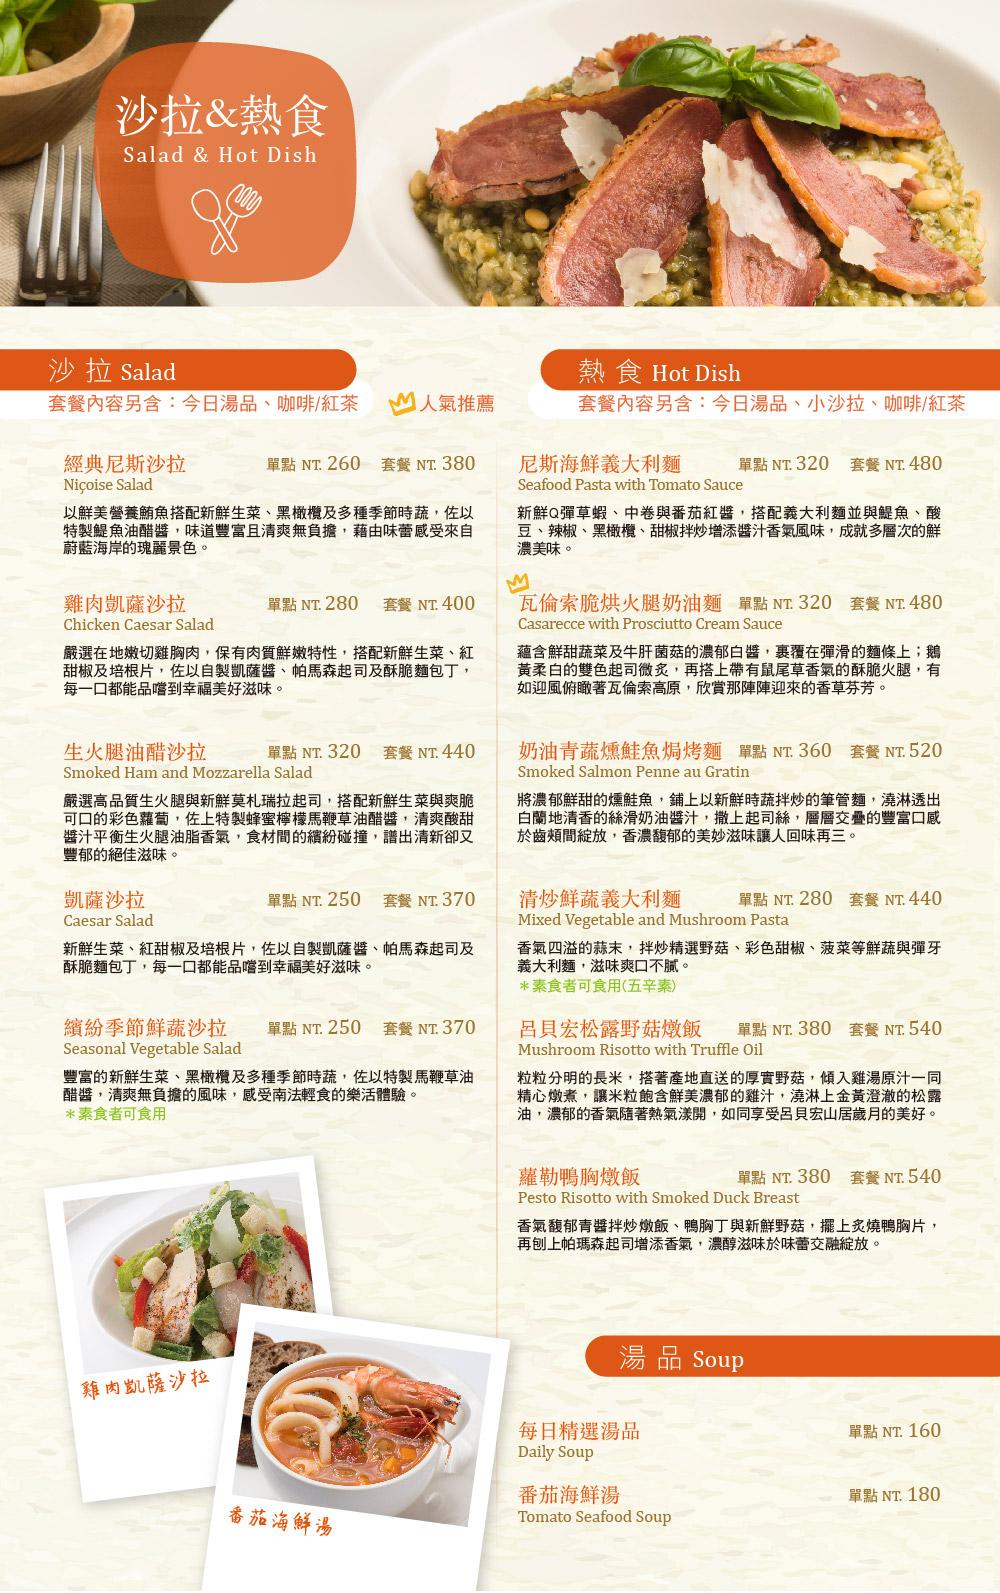 L'OCCITANE Café Salad & Hot Dish